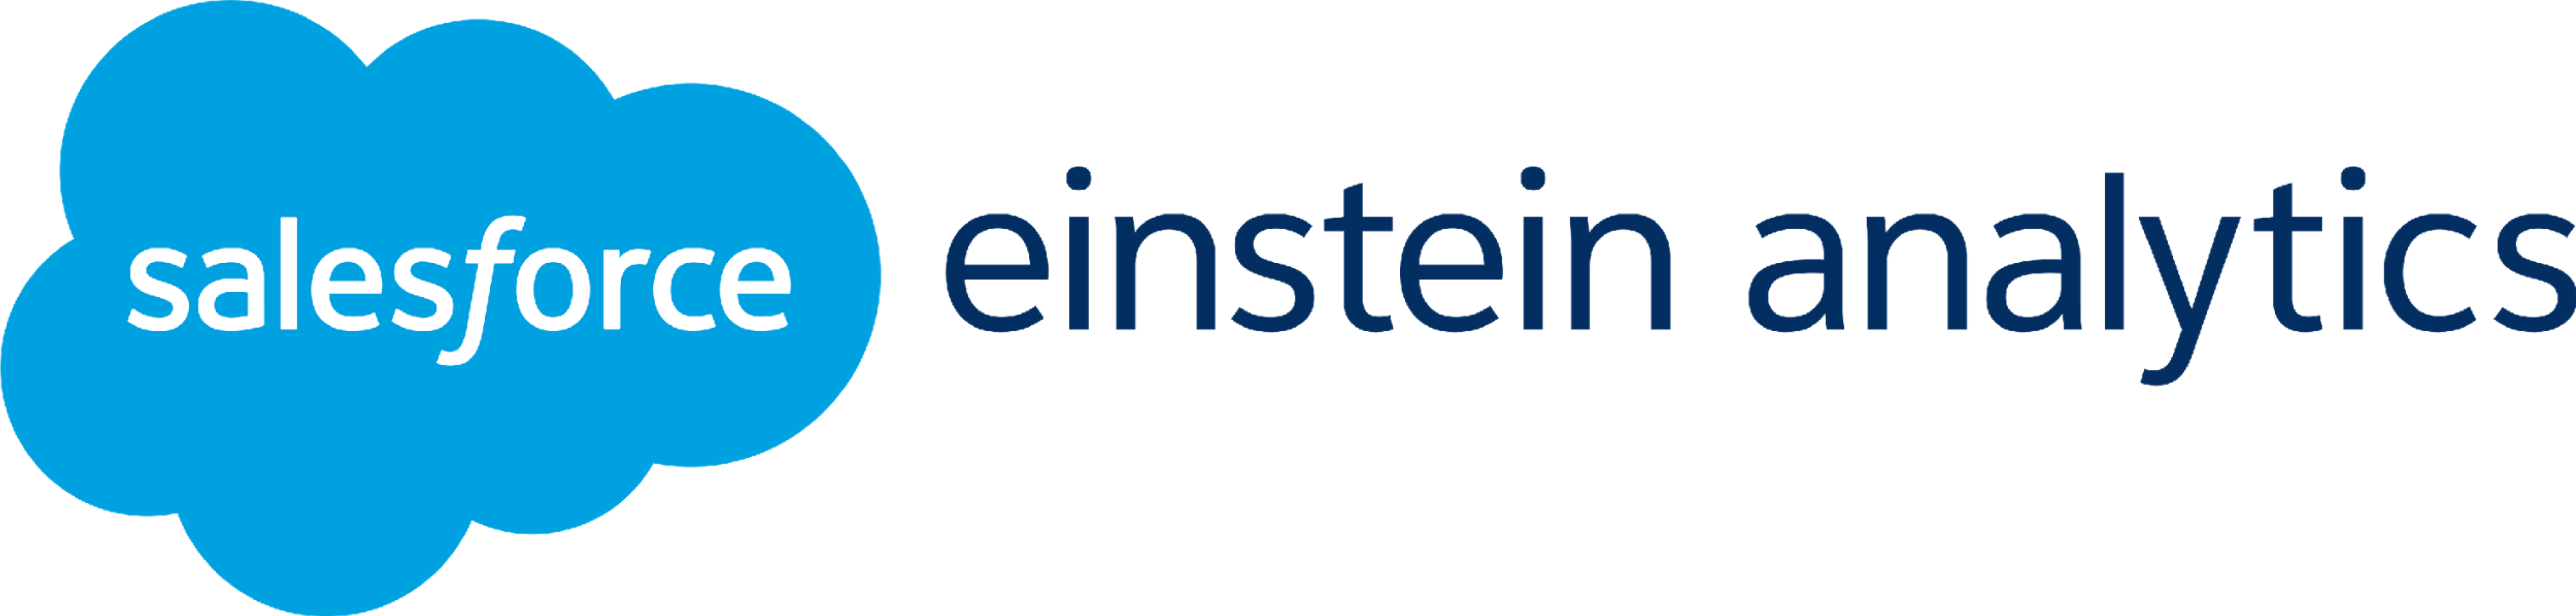 Salesforce Einstein Analytics logo